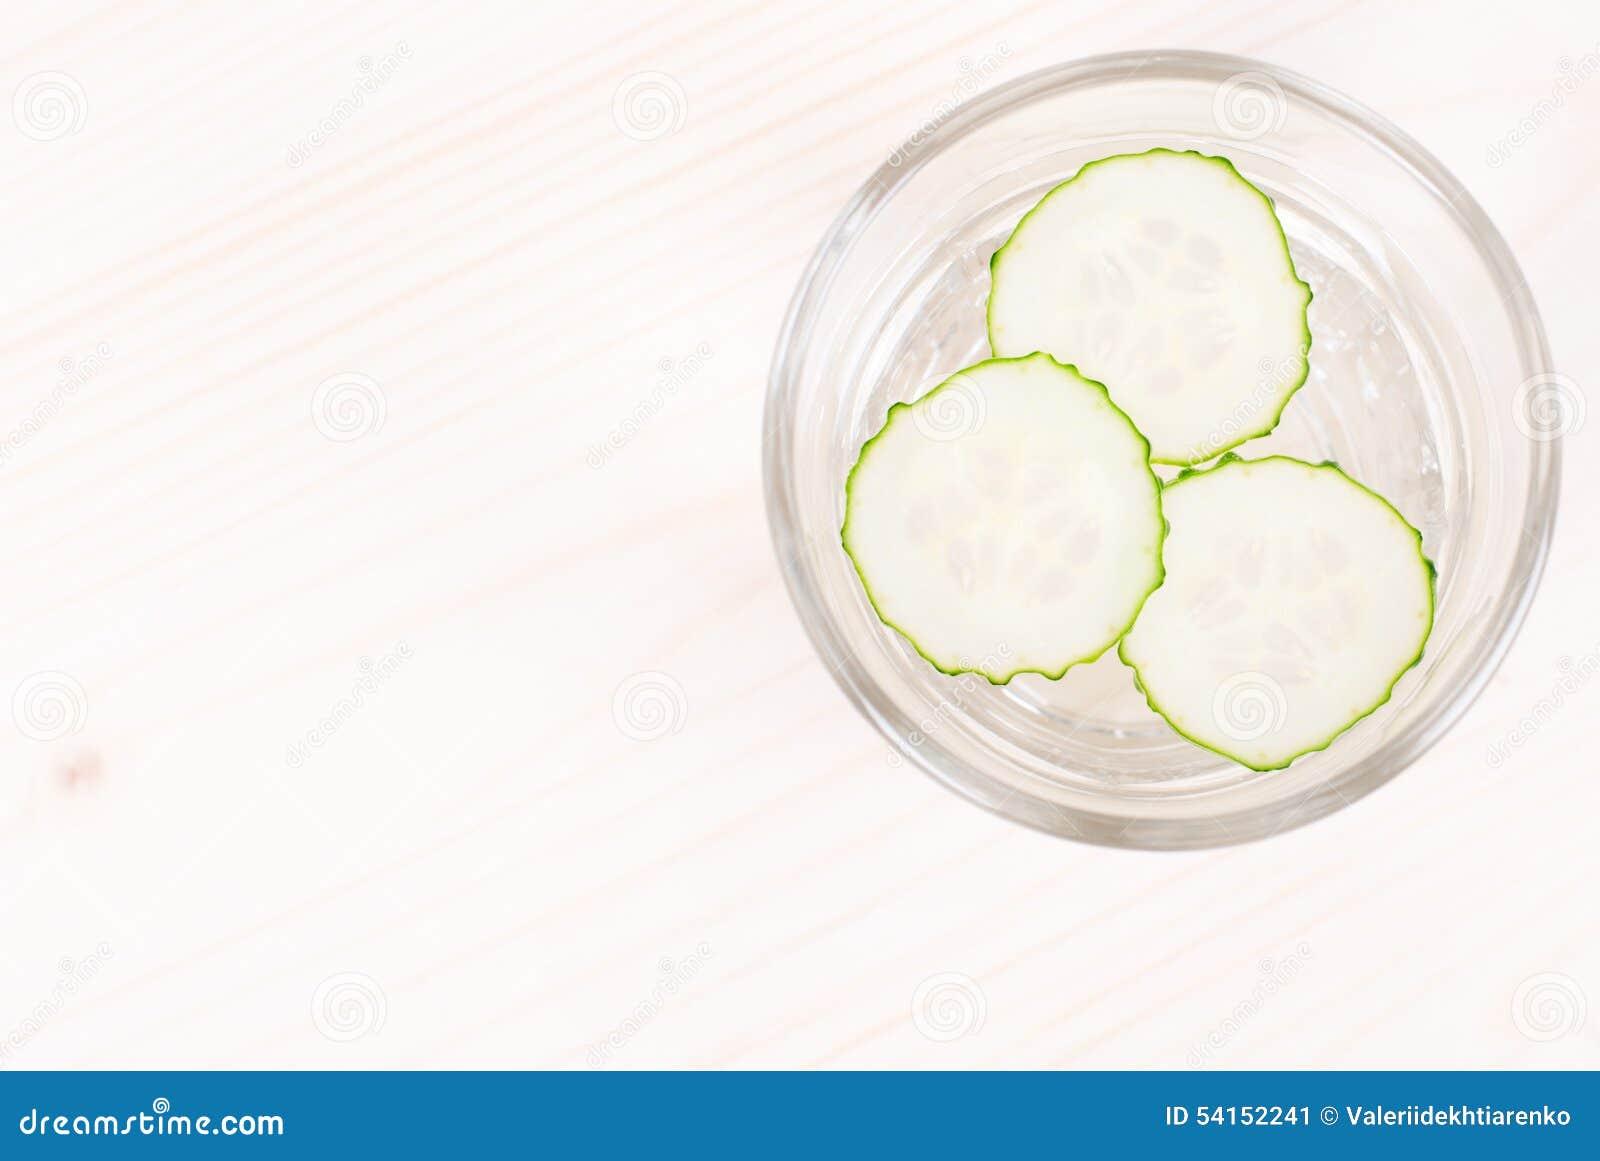 ein glas wasser mit drei scheiben frischer gurke auf einem. Black Bedroom Furniture Sets. Home Design Ideas